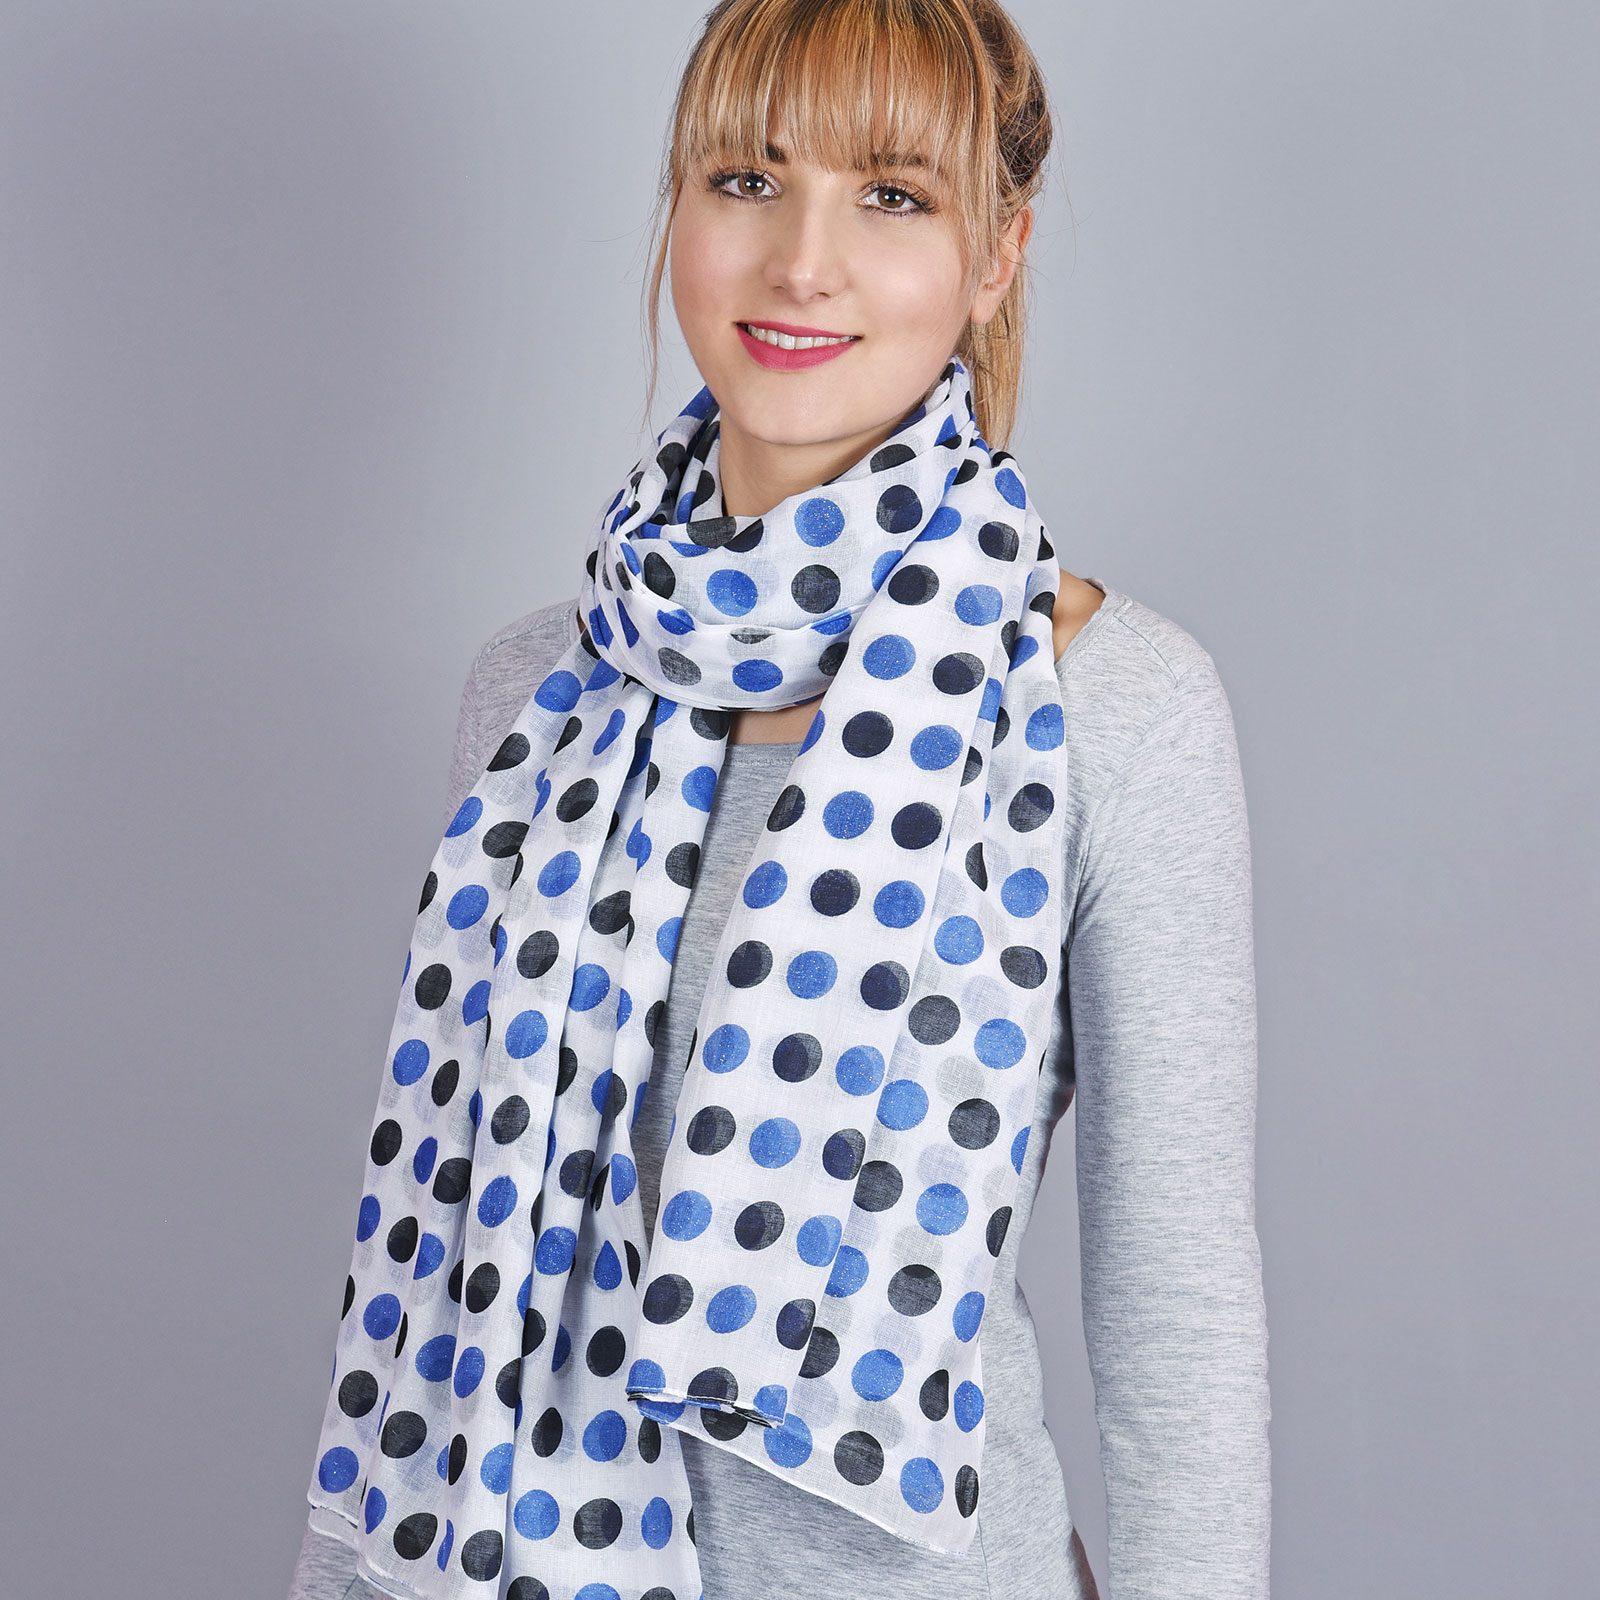 http://chantier.allee-du-foulard.fr/wp-content/uploads/2018/04/AT-04323-VF16-1-cheche-coton-pois-bleu-1600x1600.jpg